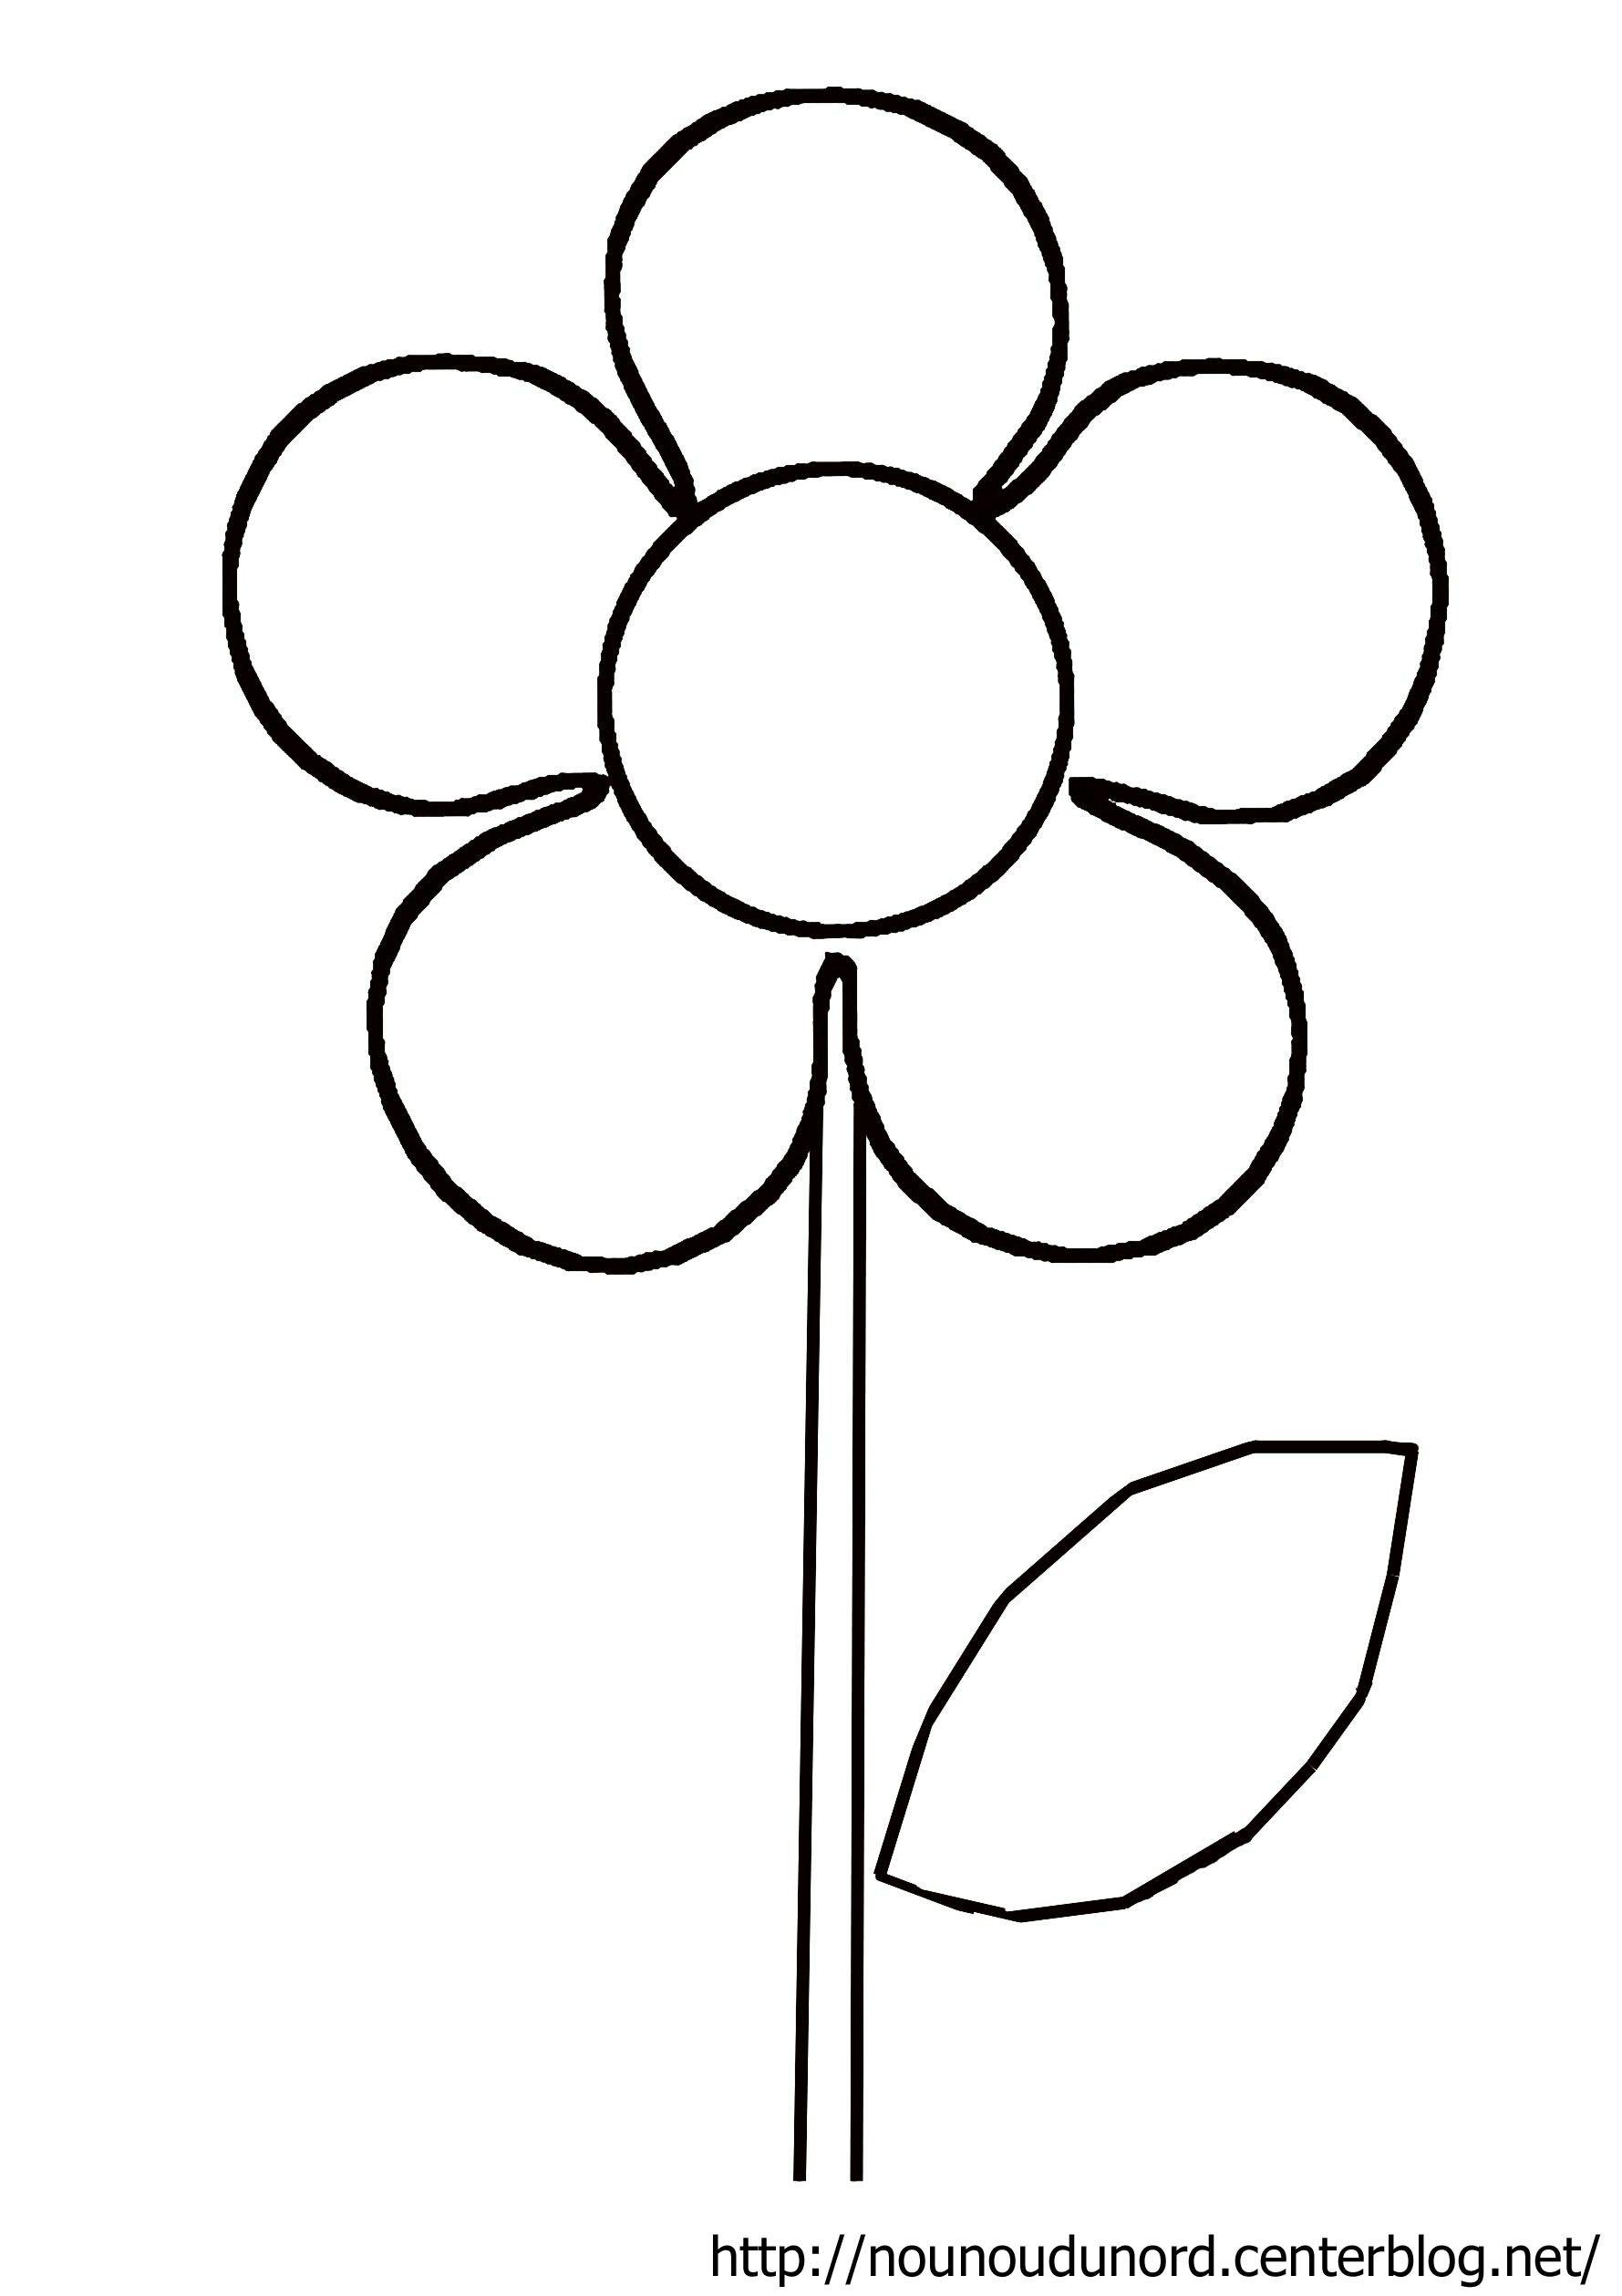 Des Fleurs En Playmaïs | Fleur Dessin Facile, Coloriage pour Dessin A Colorier De Fleur